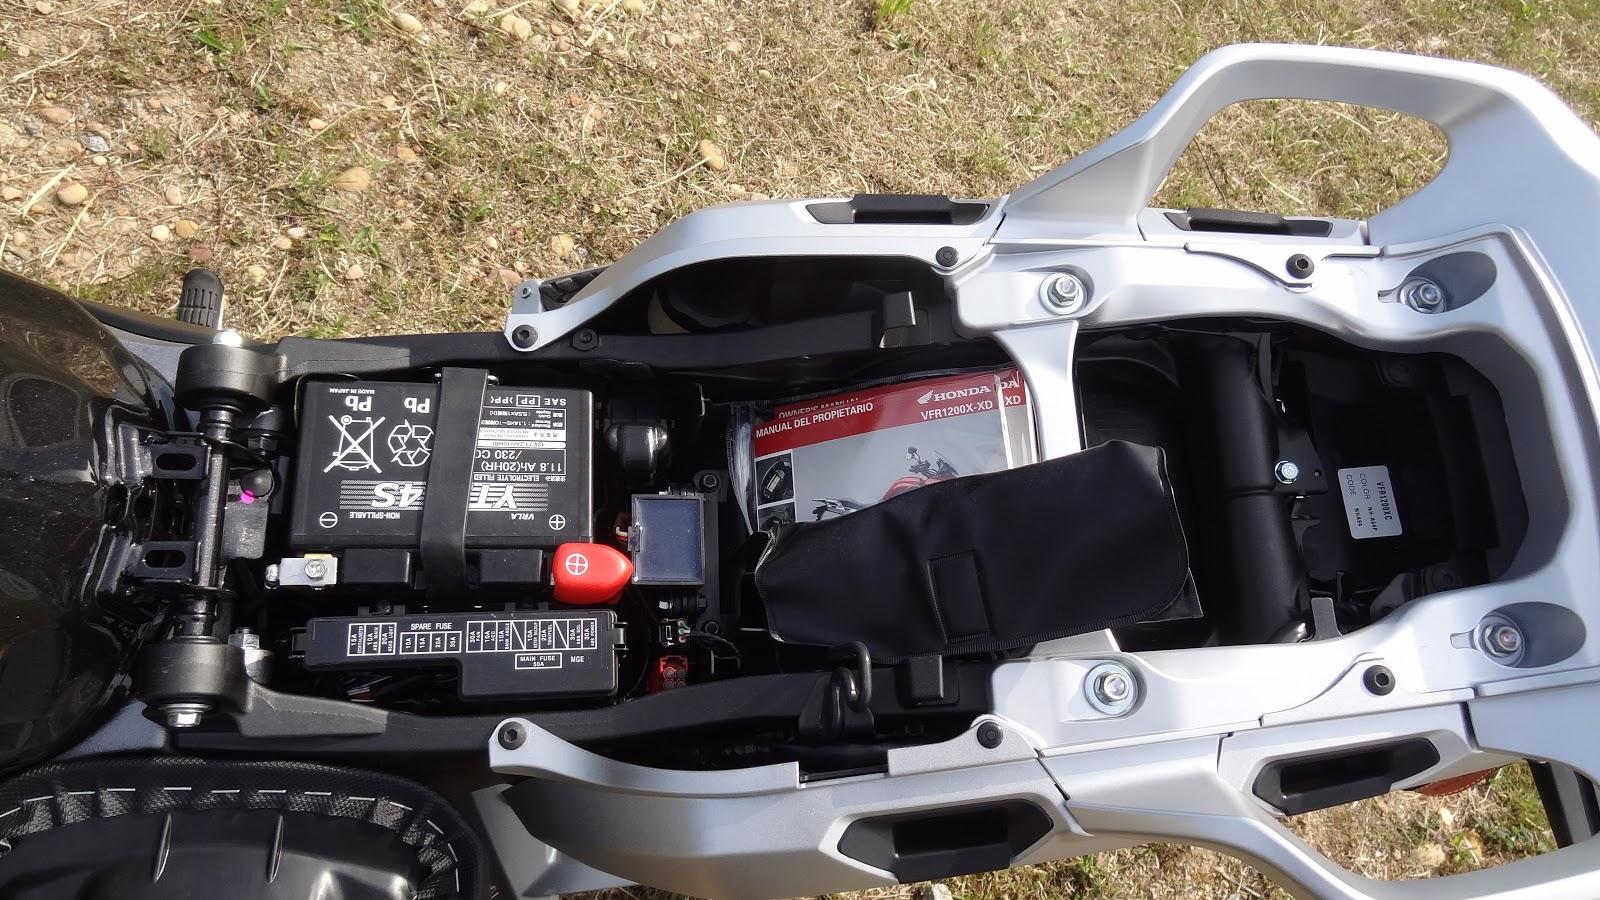 Honda VFR 1200 crosstourer отзывы #3